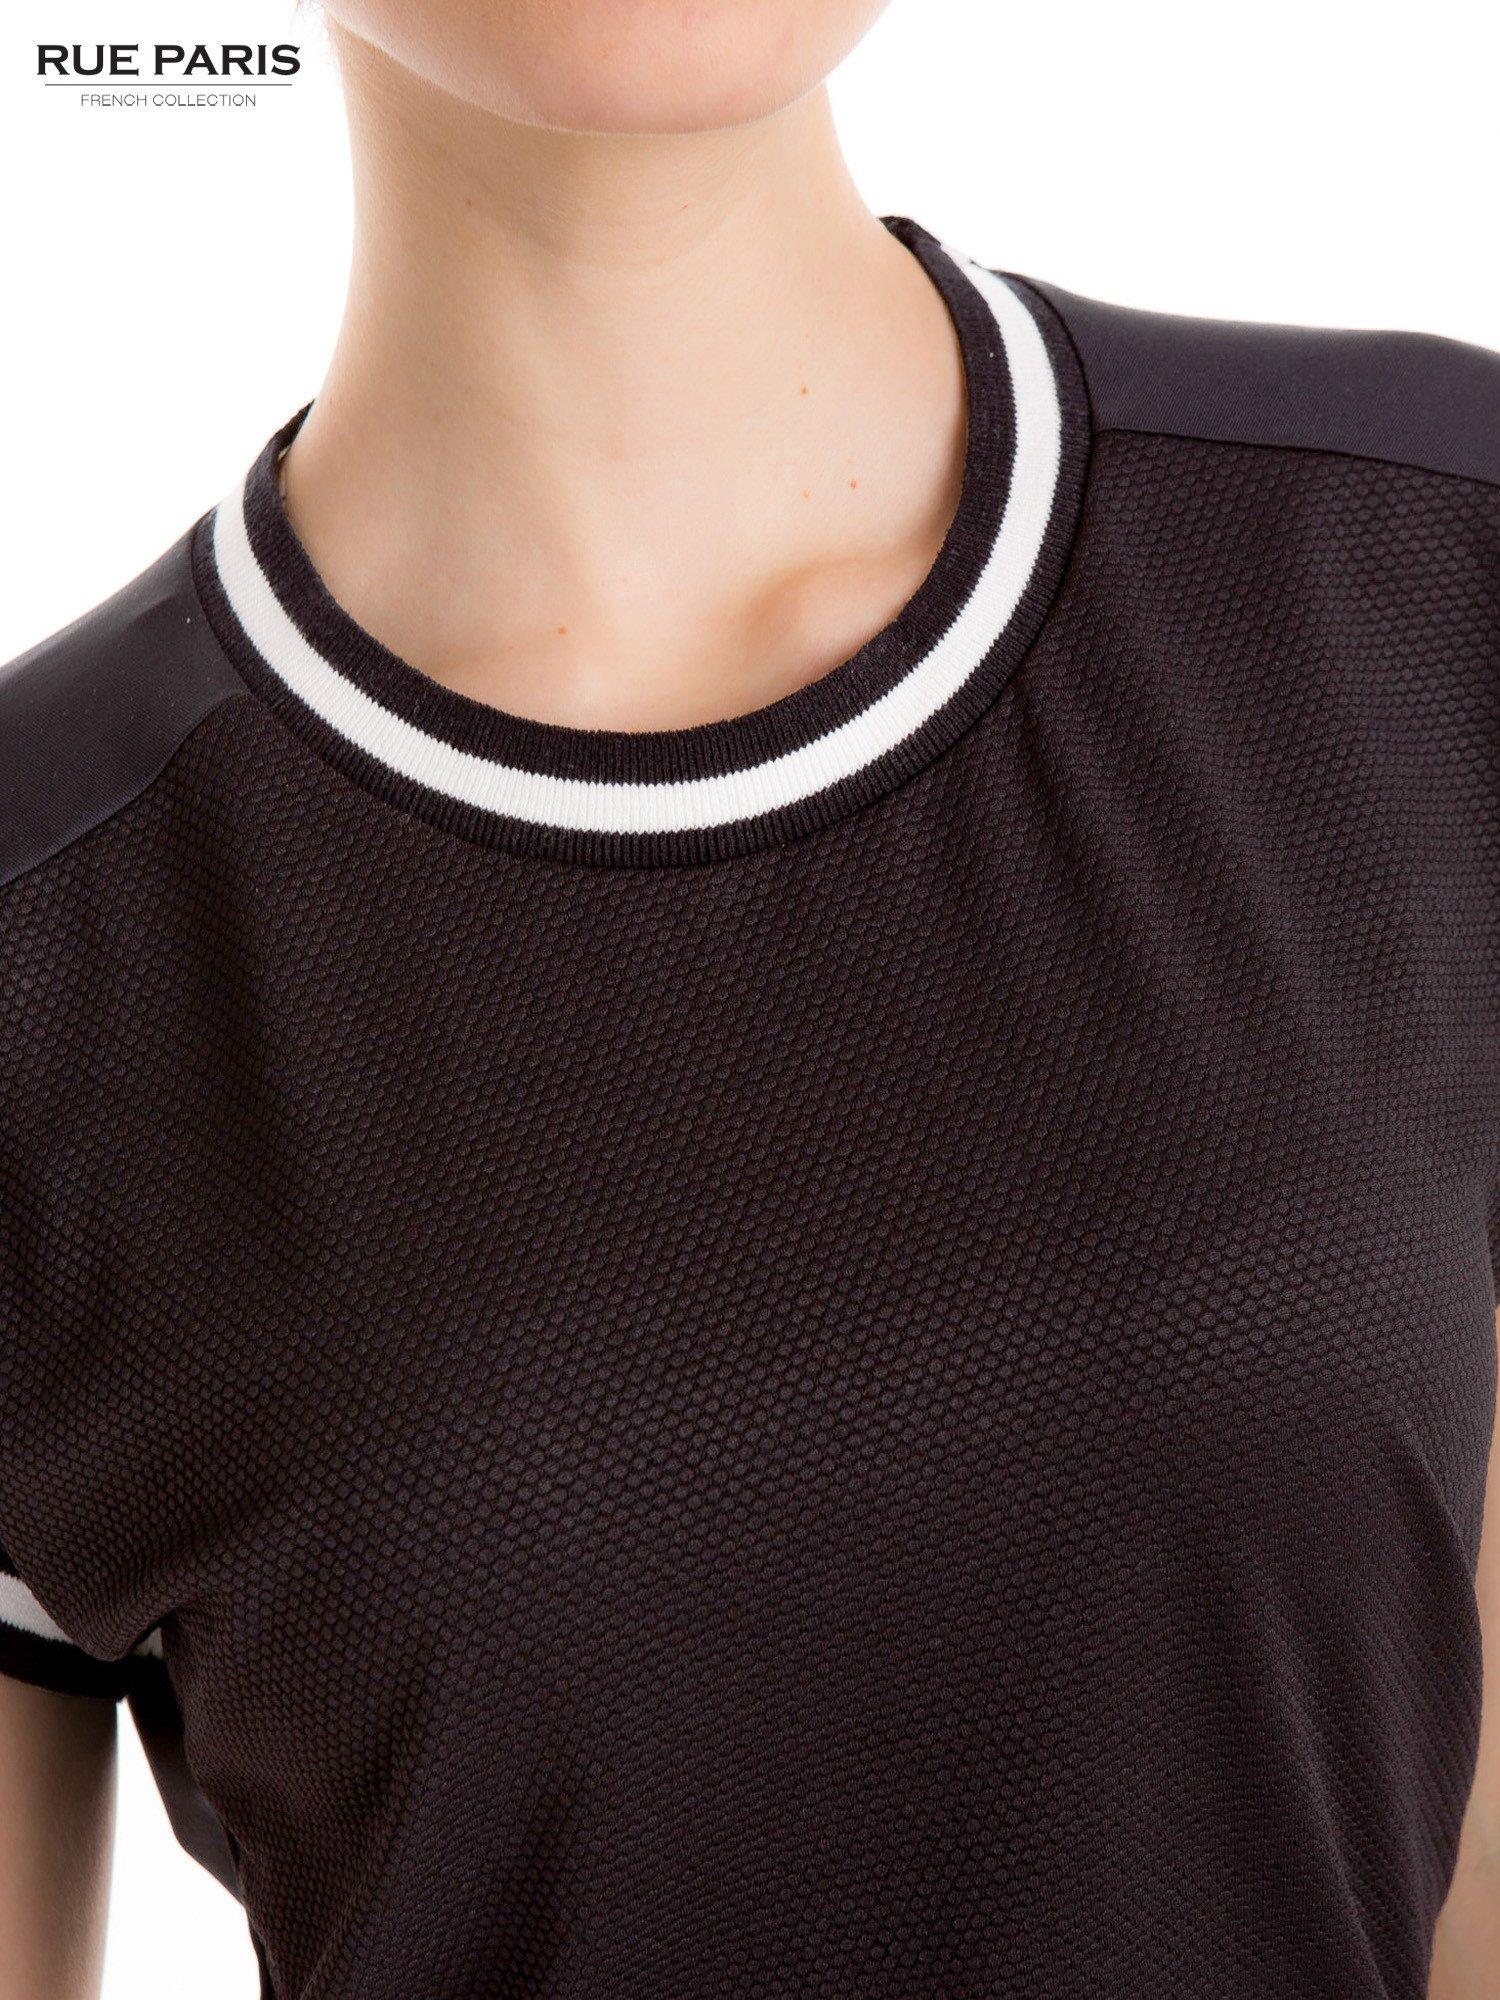 Czarny t-shirt w stylu tenis chic                                  zdj.                                  6